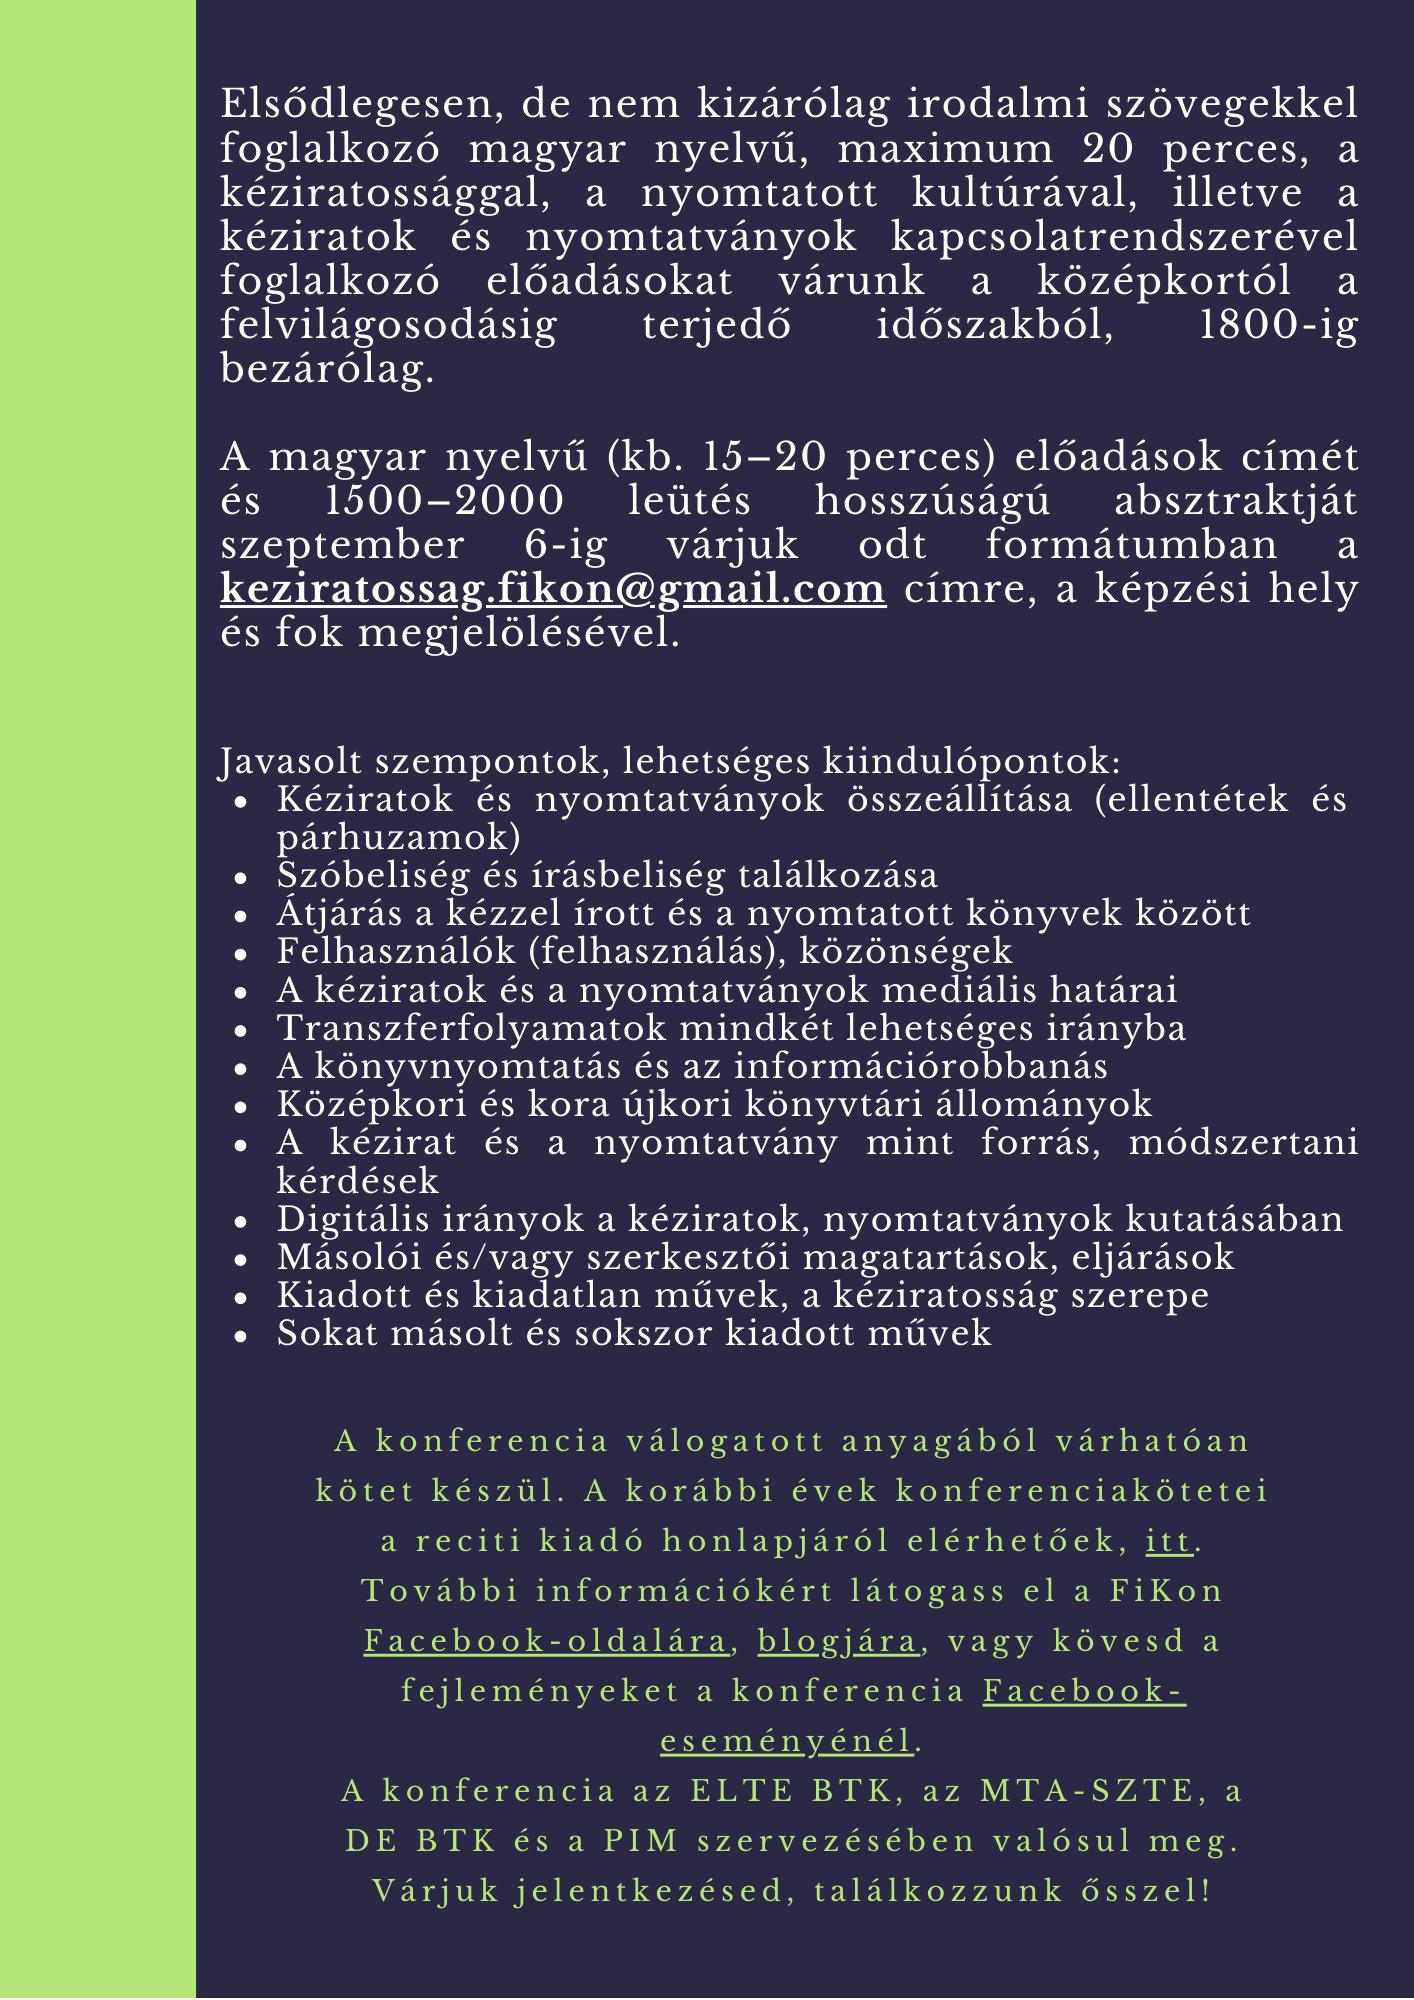 felhivas_2020-2.png